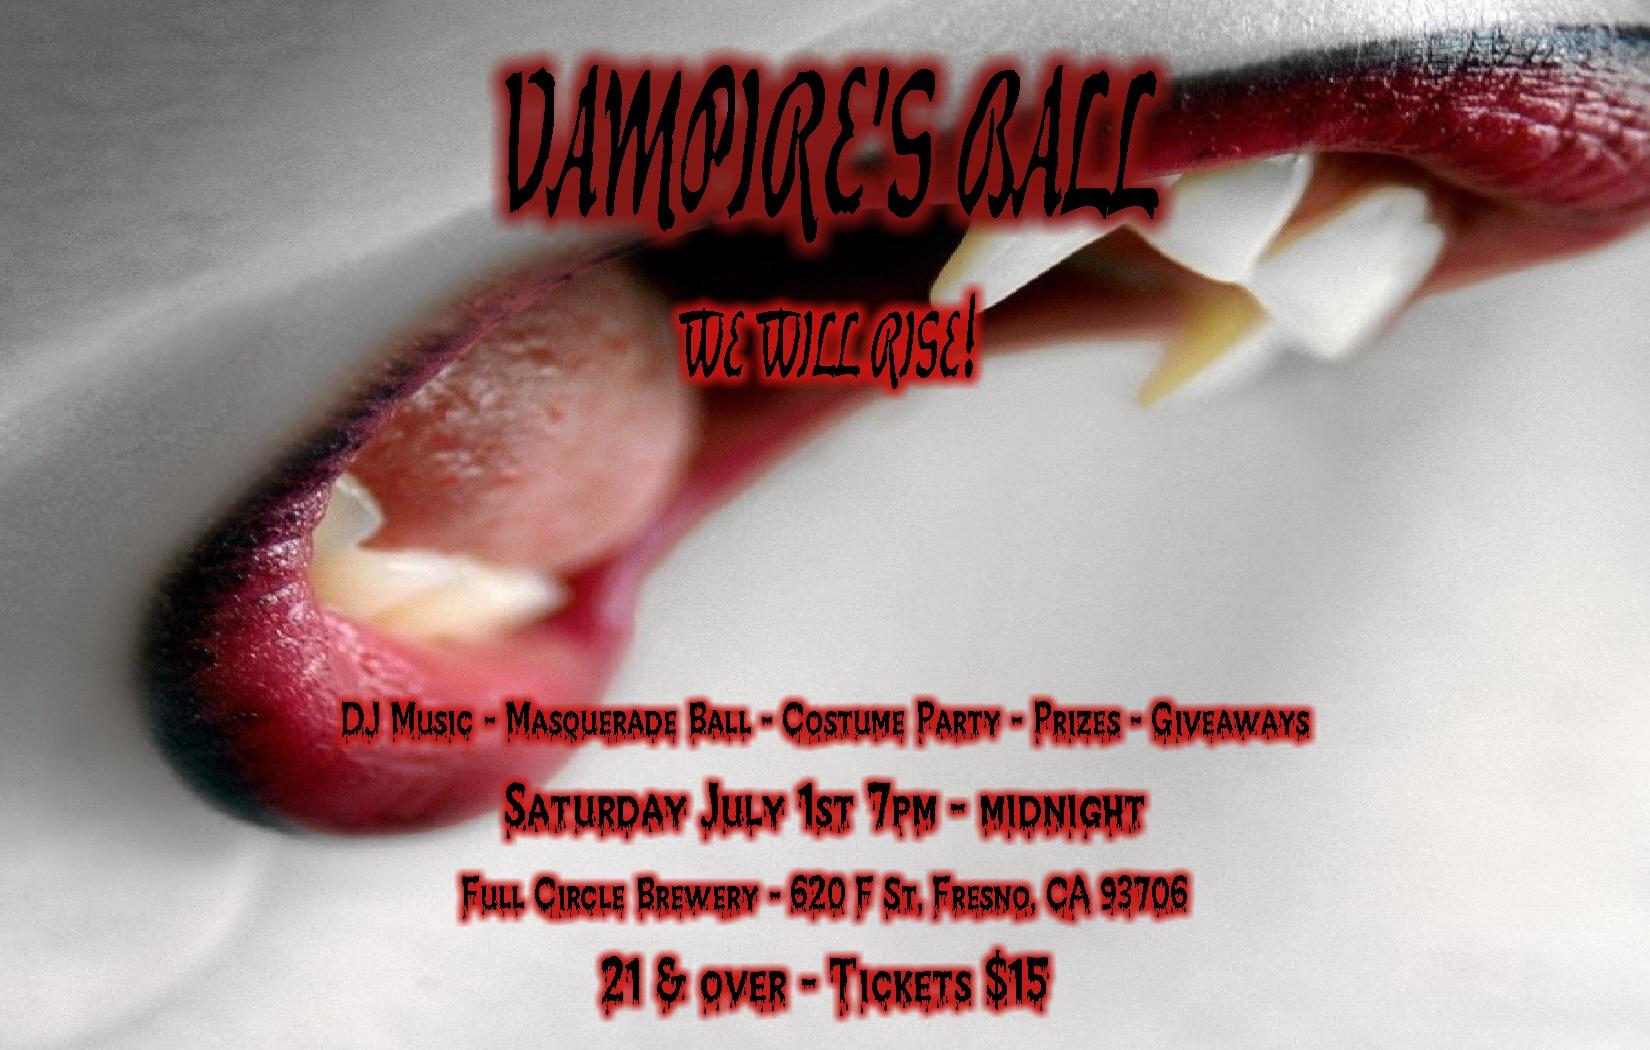 Vampire's Ball - We Will RISE!